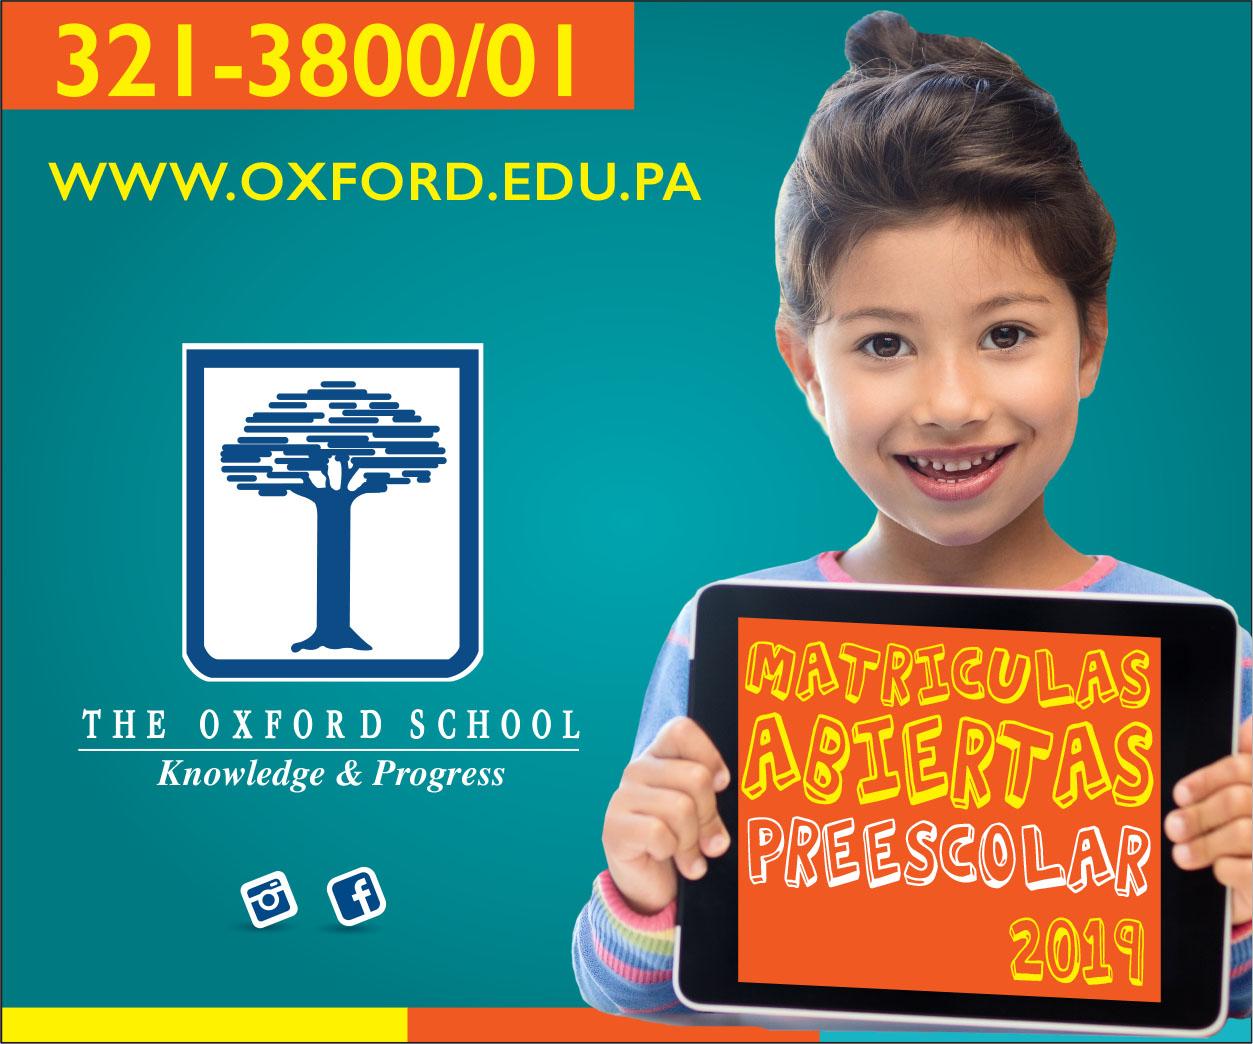 OXFORD CUADRADO 3 300x250 MA